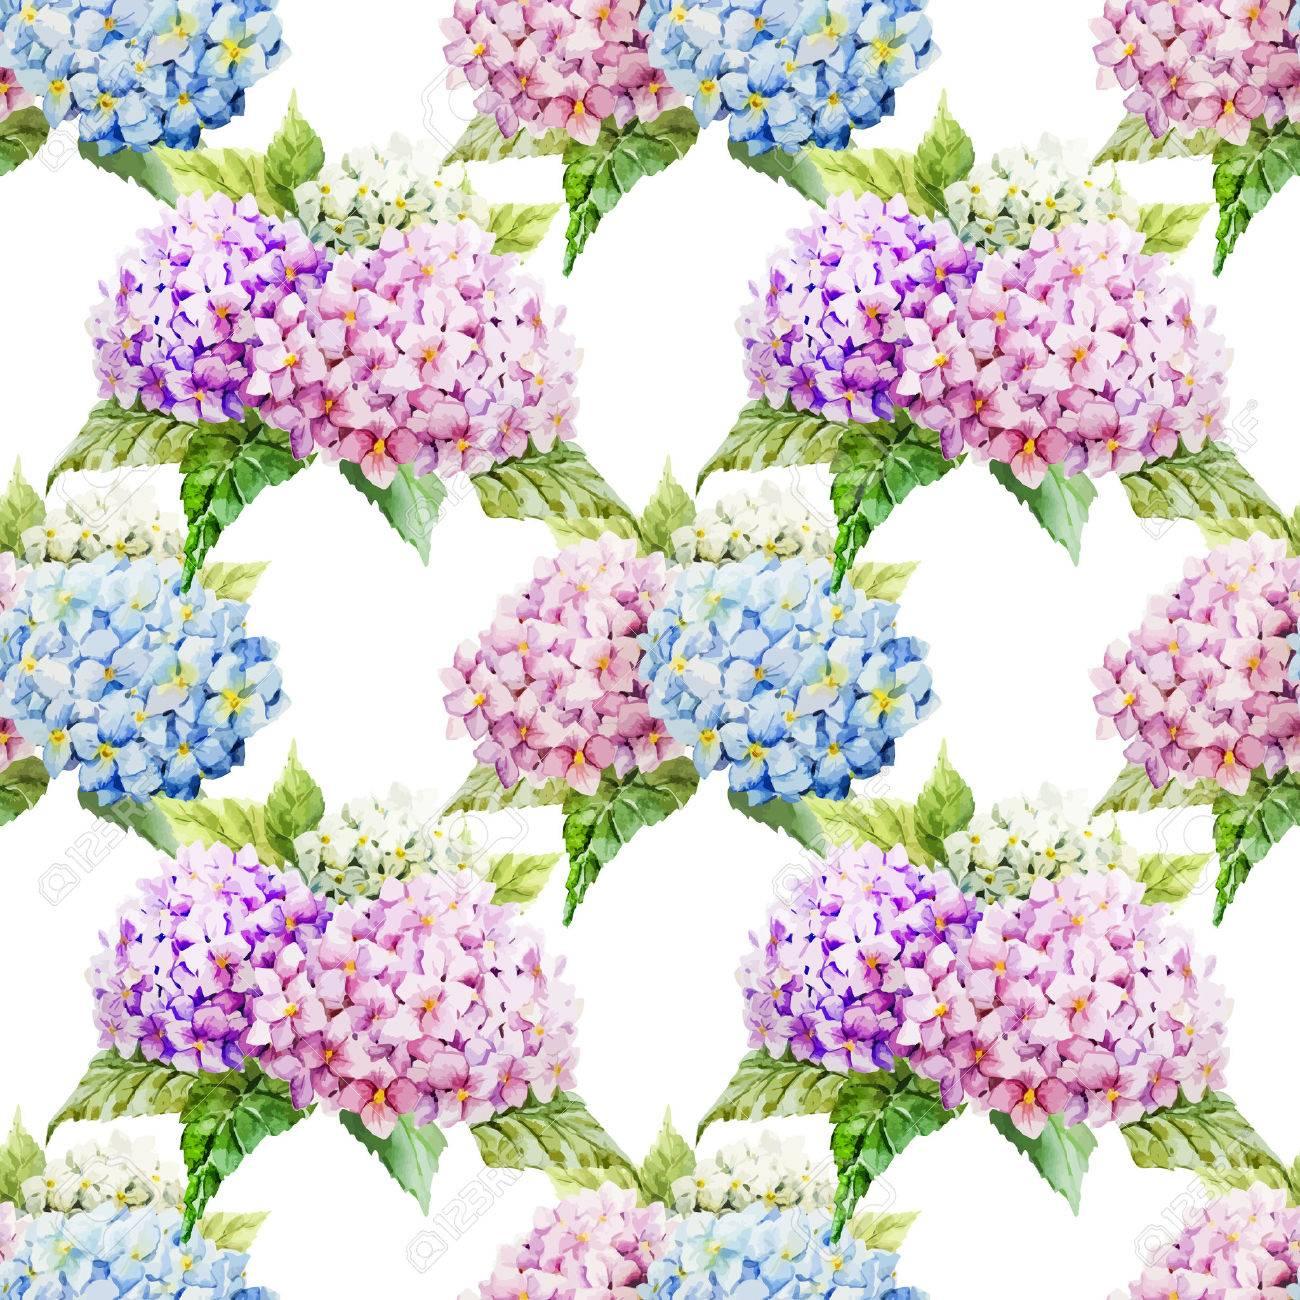 bella modelo hortensias vector acuarela diferentes colores foto de archivo